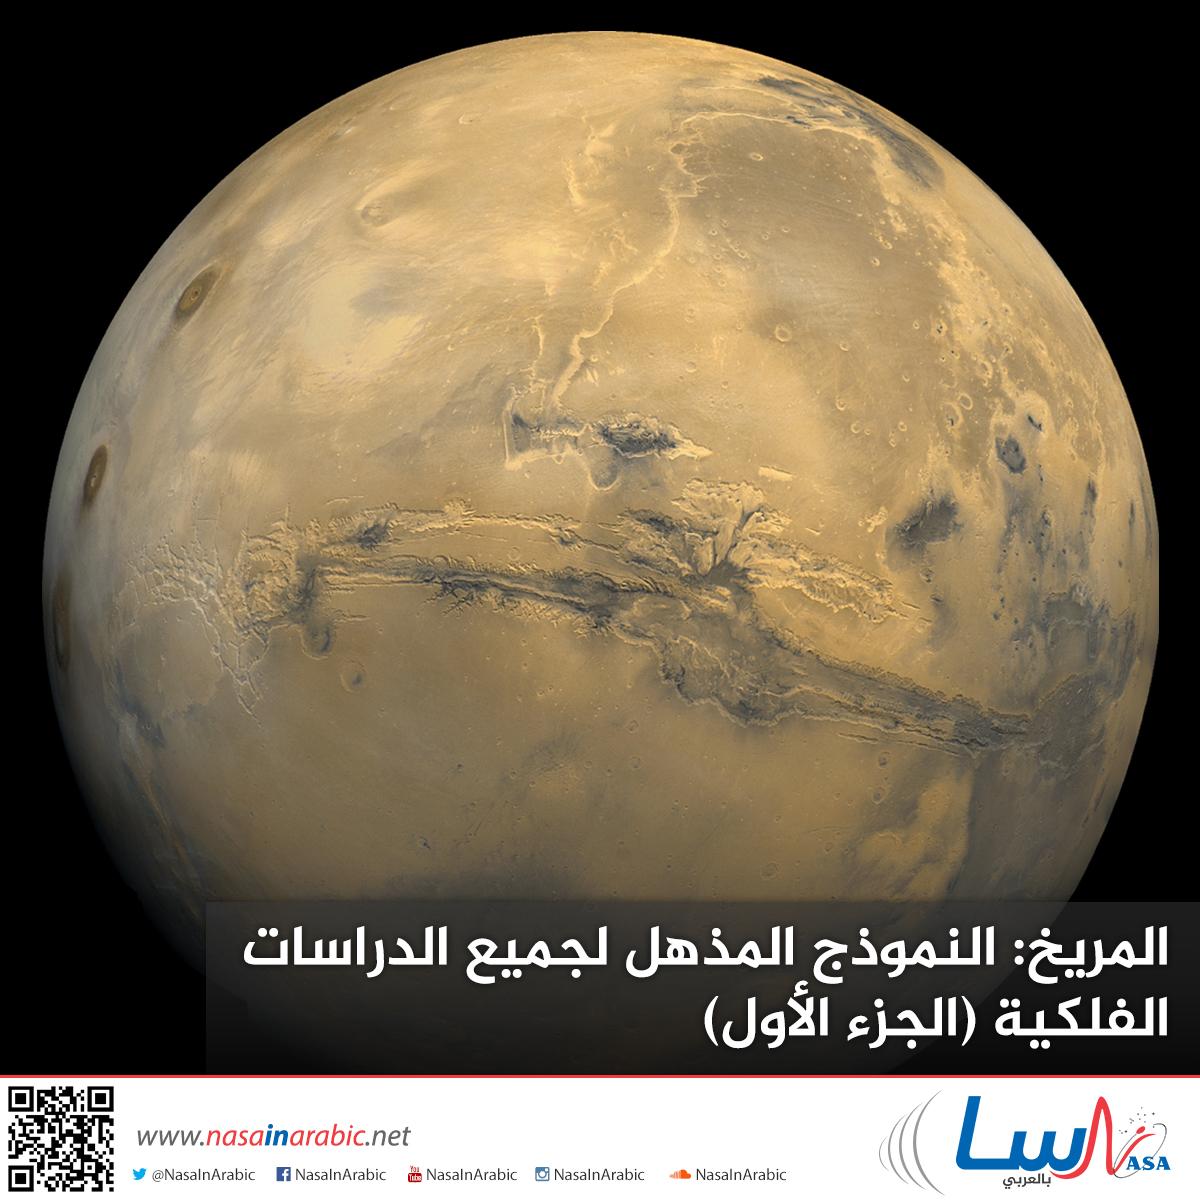 المريخ: النموذج المذهل لجميع الدراسات الفلكية (الجزء الأول)